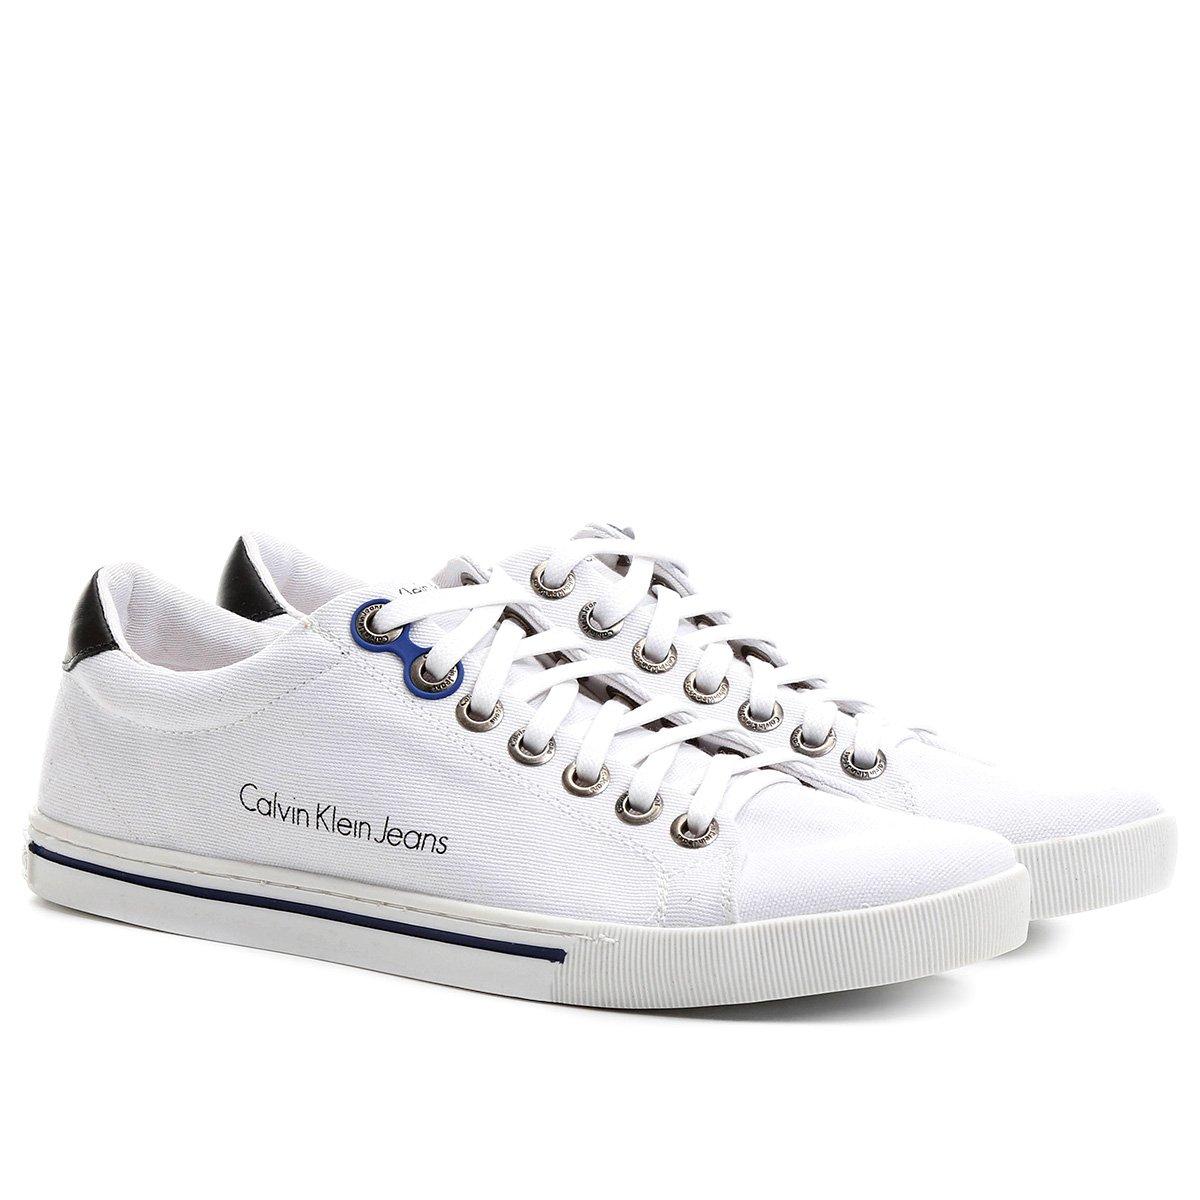 5f3519f4a8e07 Sapatênis Calvin Klein Lona Friso - Compre Agora